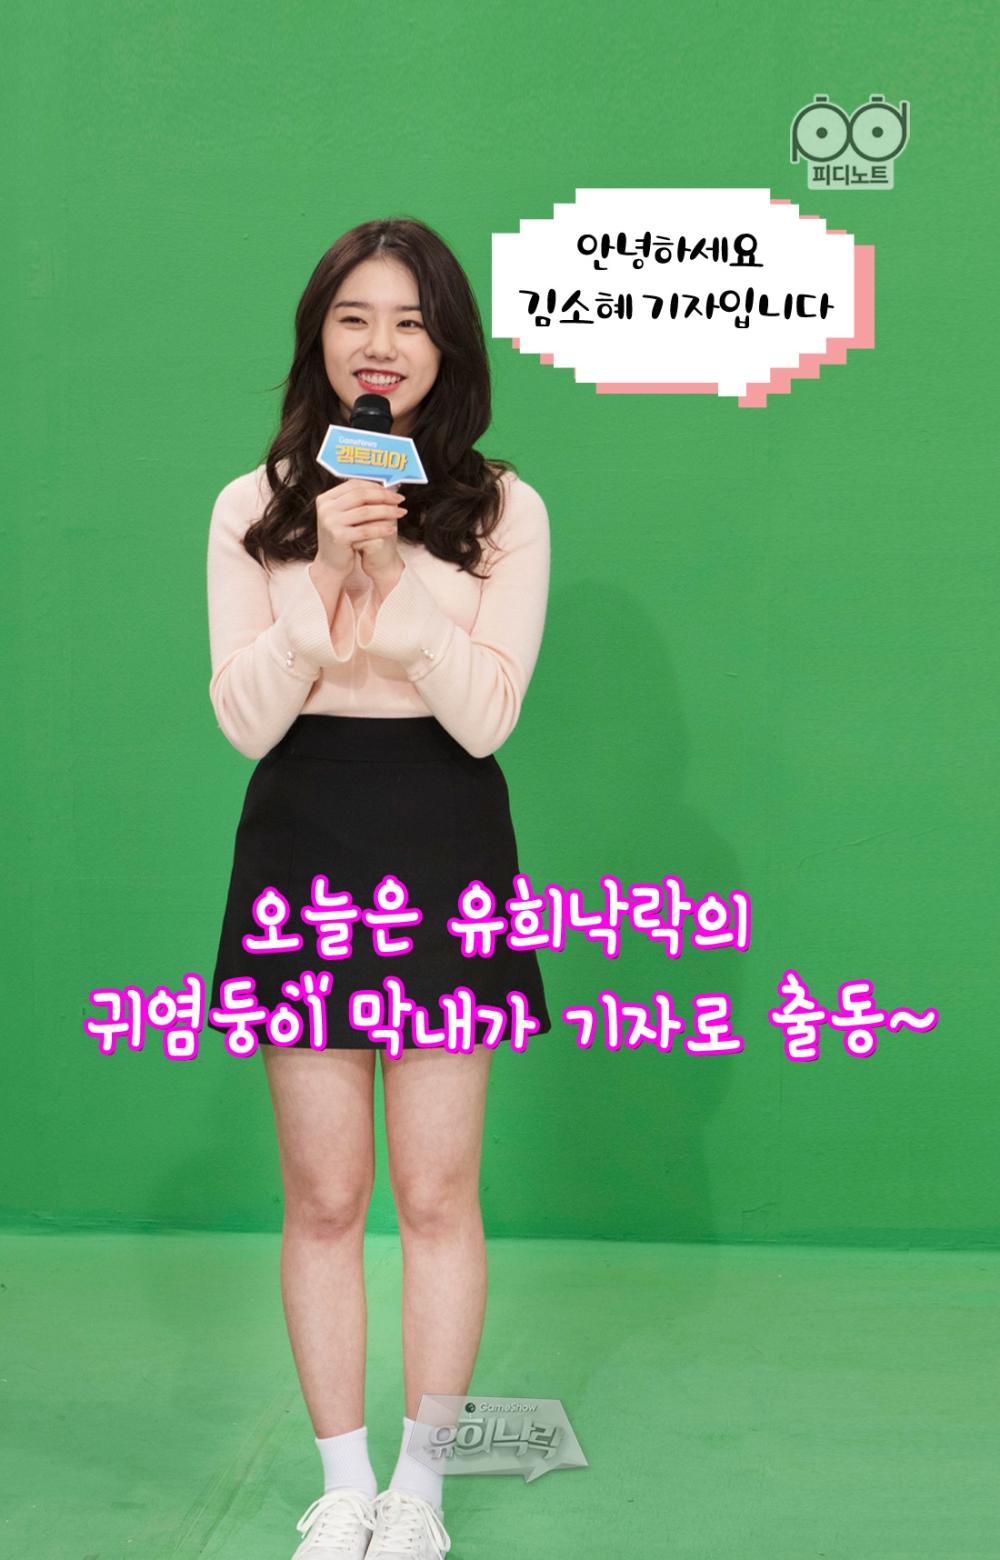 11회 겜토피아 소혜 사진2